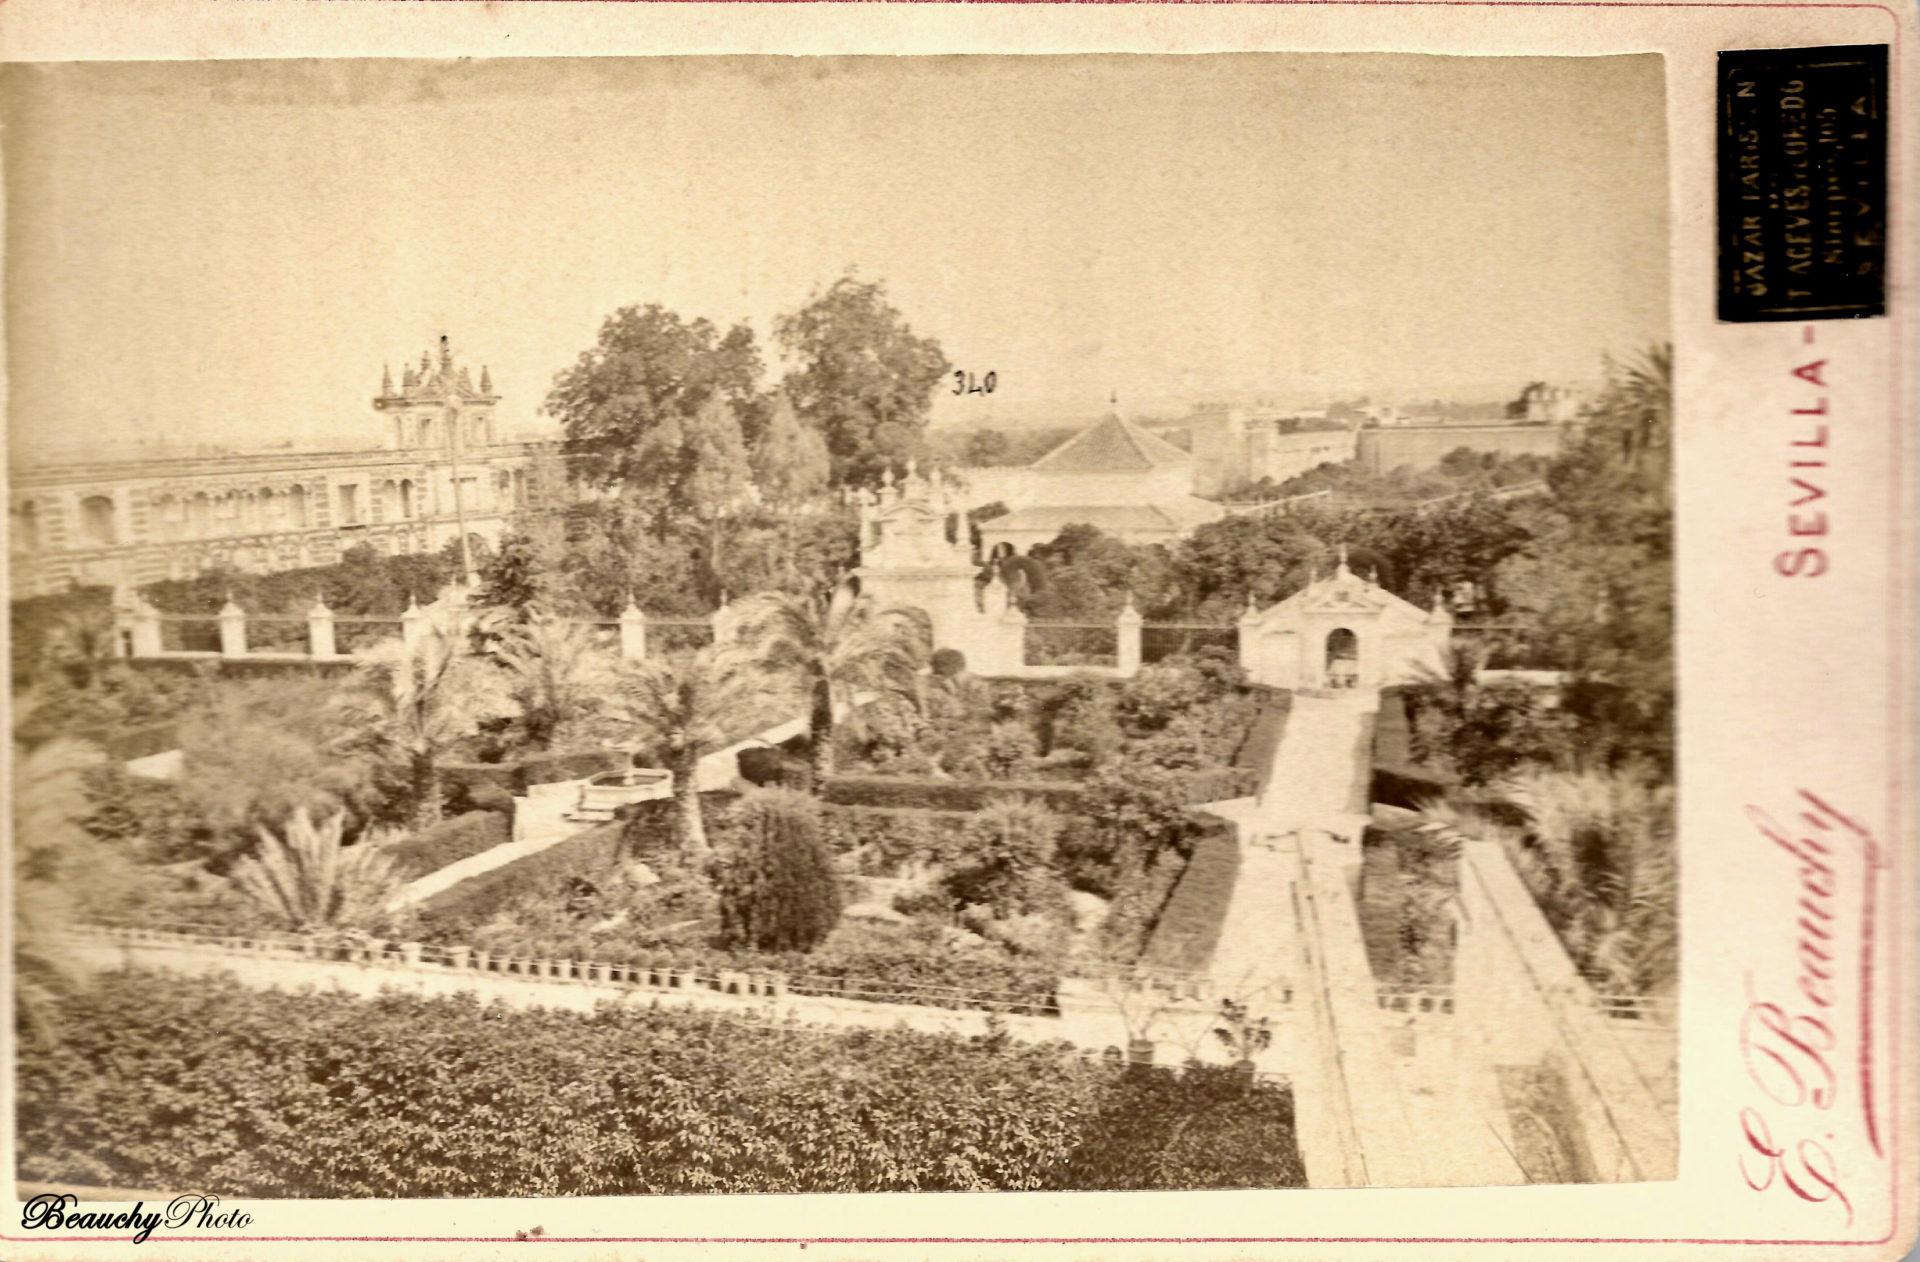 Beauchyphoto_Jardines_del_Alcázar_Emilio_Beauchy_Cano_fotografias_antiguas_postales_vistas_y_monumentos